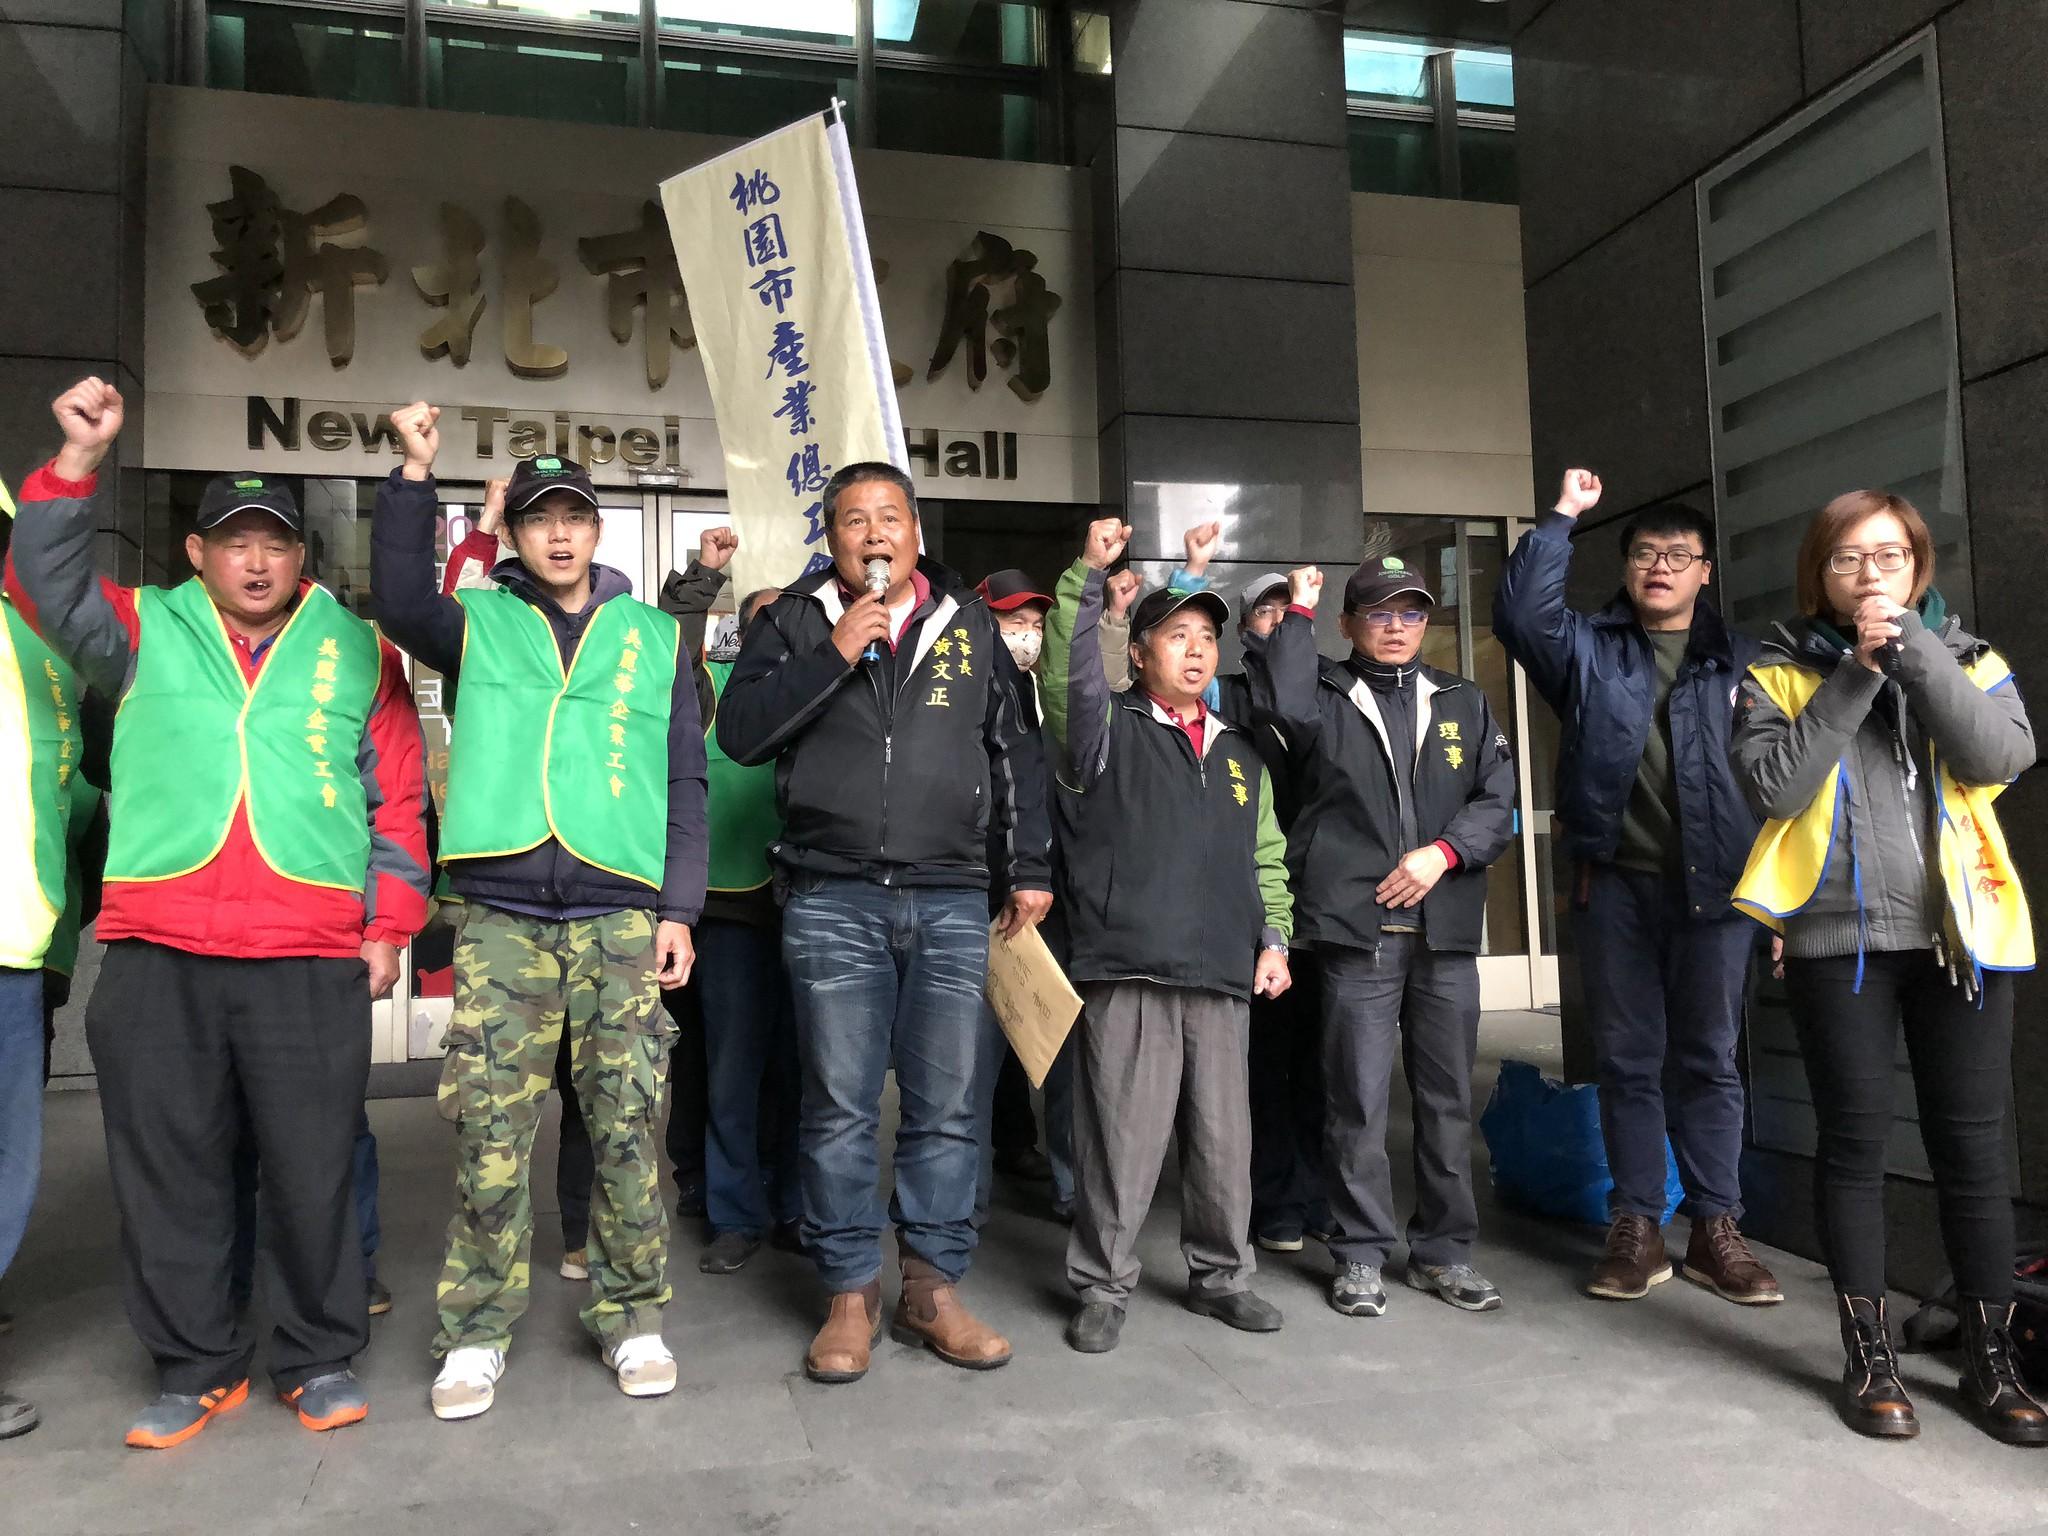 美麗華工會在新北市府前高喊「罷工勝利」。(攝影:王顥中)